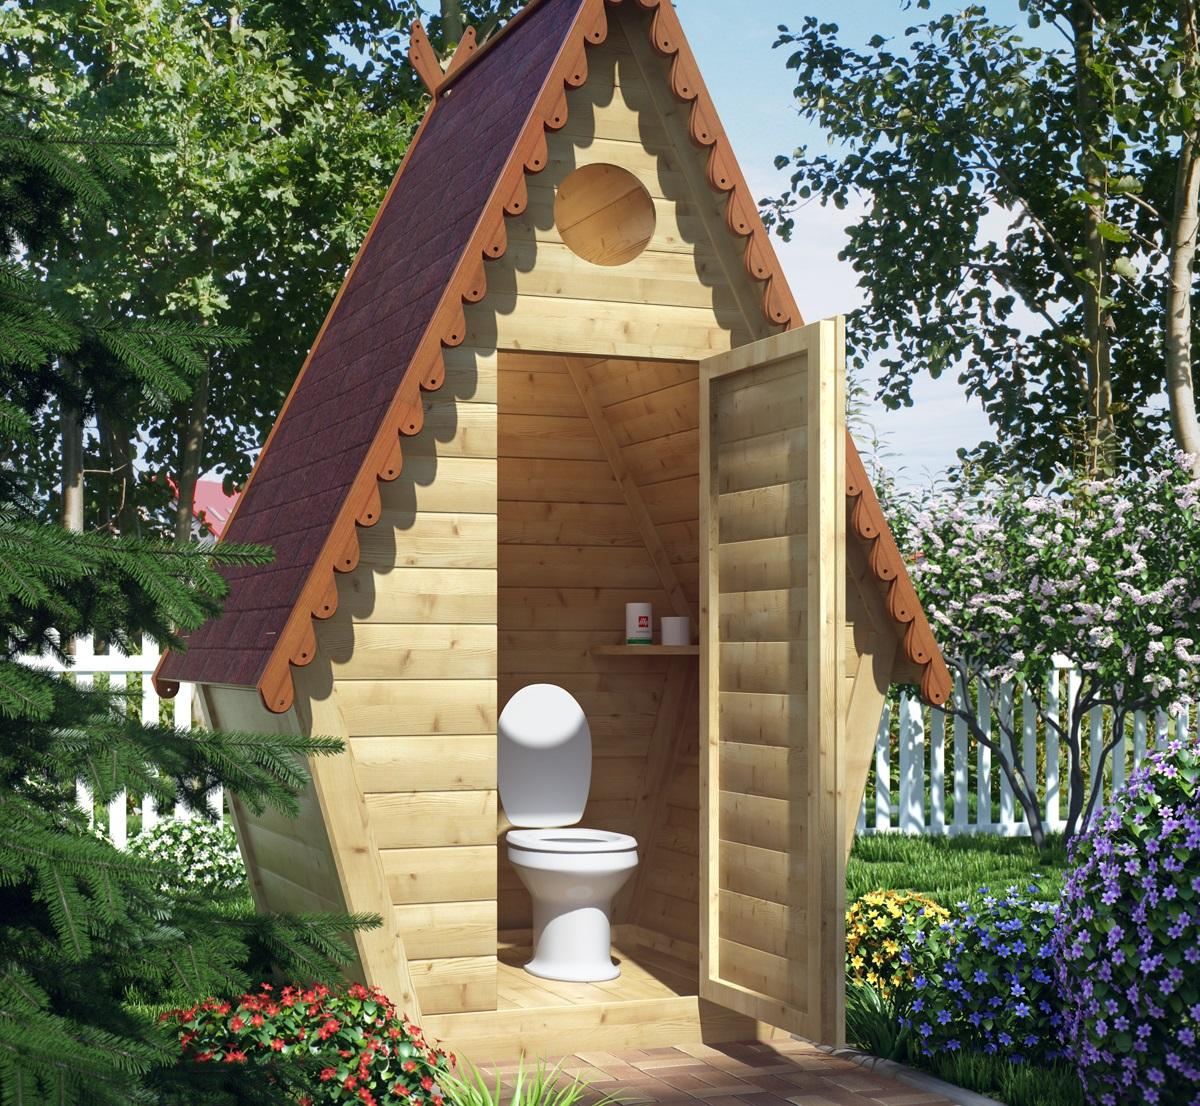 Сделать красивый туалет на дачу своими руками